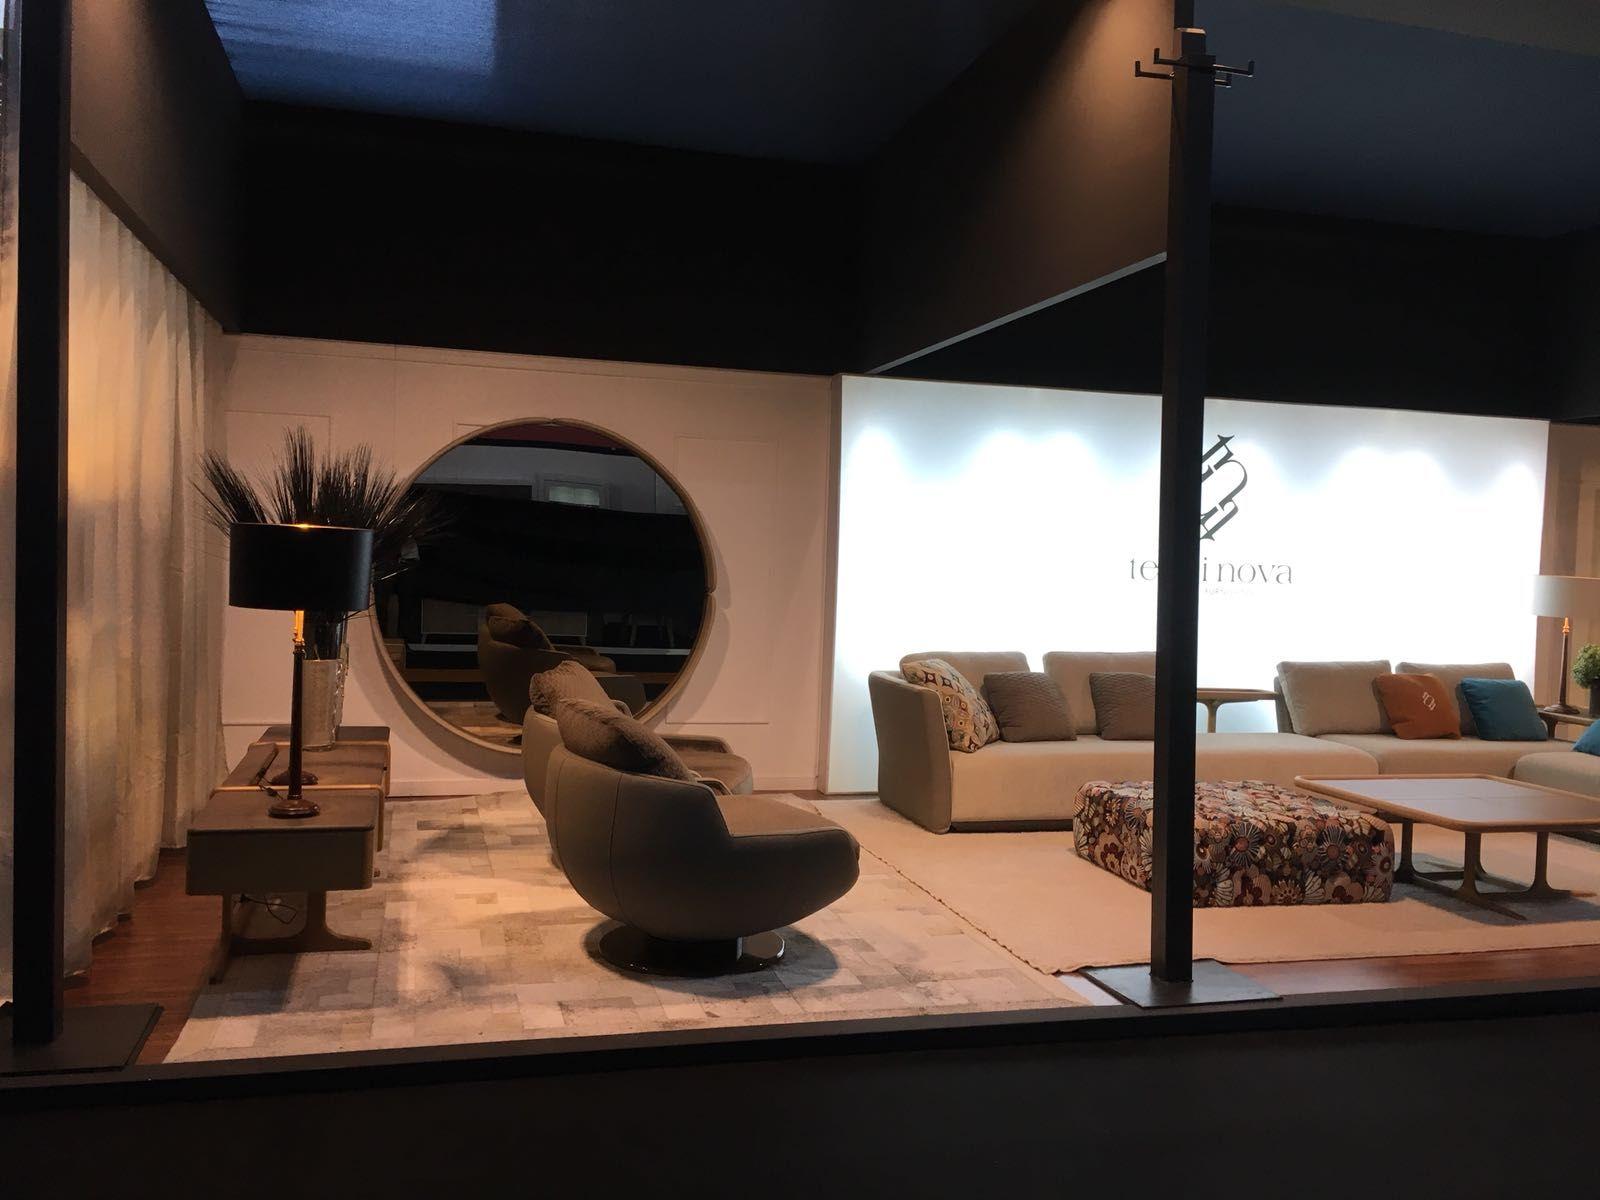 Espacio 5 En Feria Del Mueble De Yecla 2017 Nueva Coleccion  # Muebles De Yecla